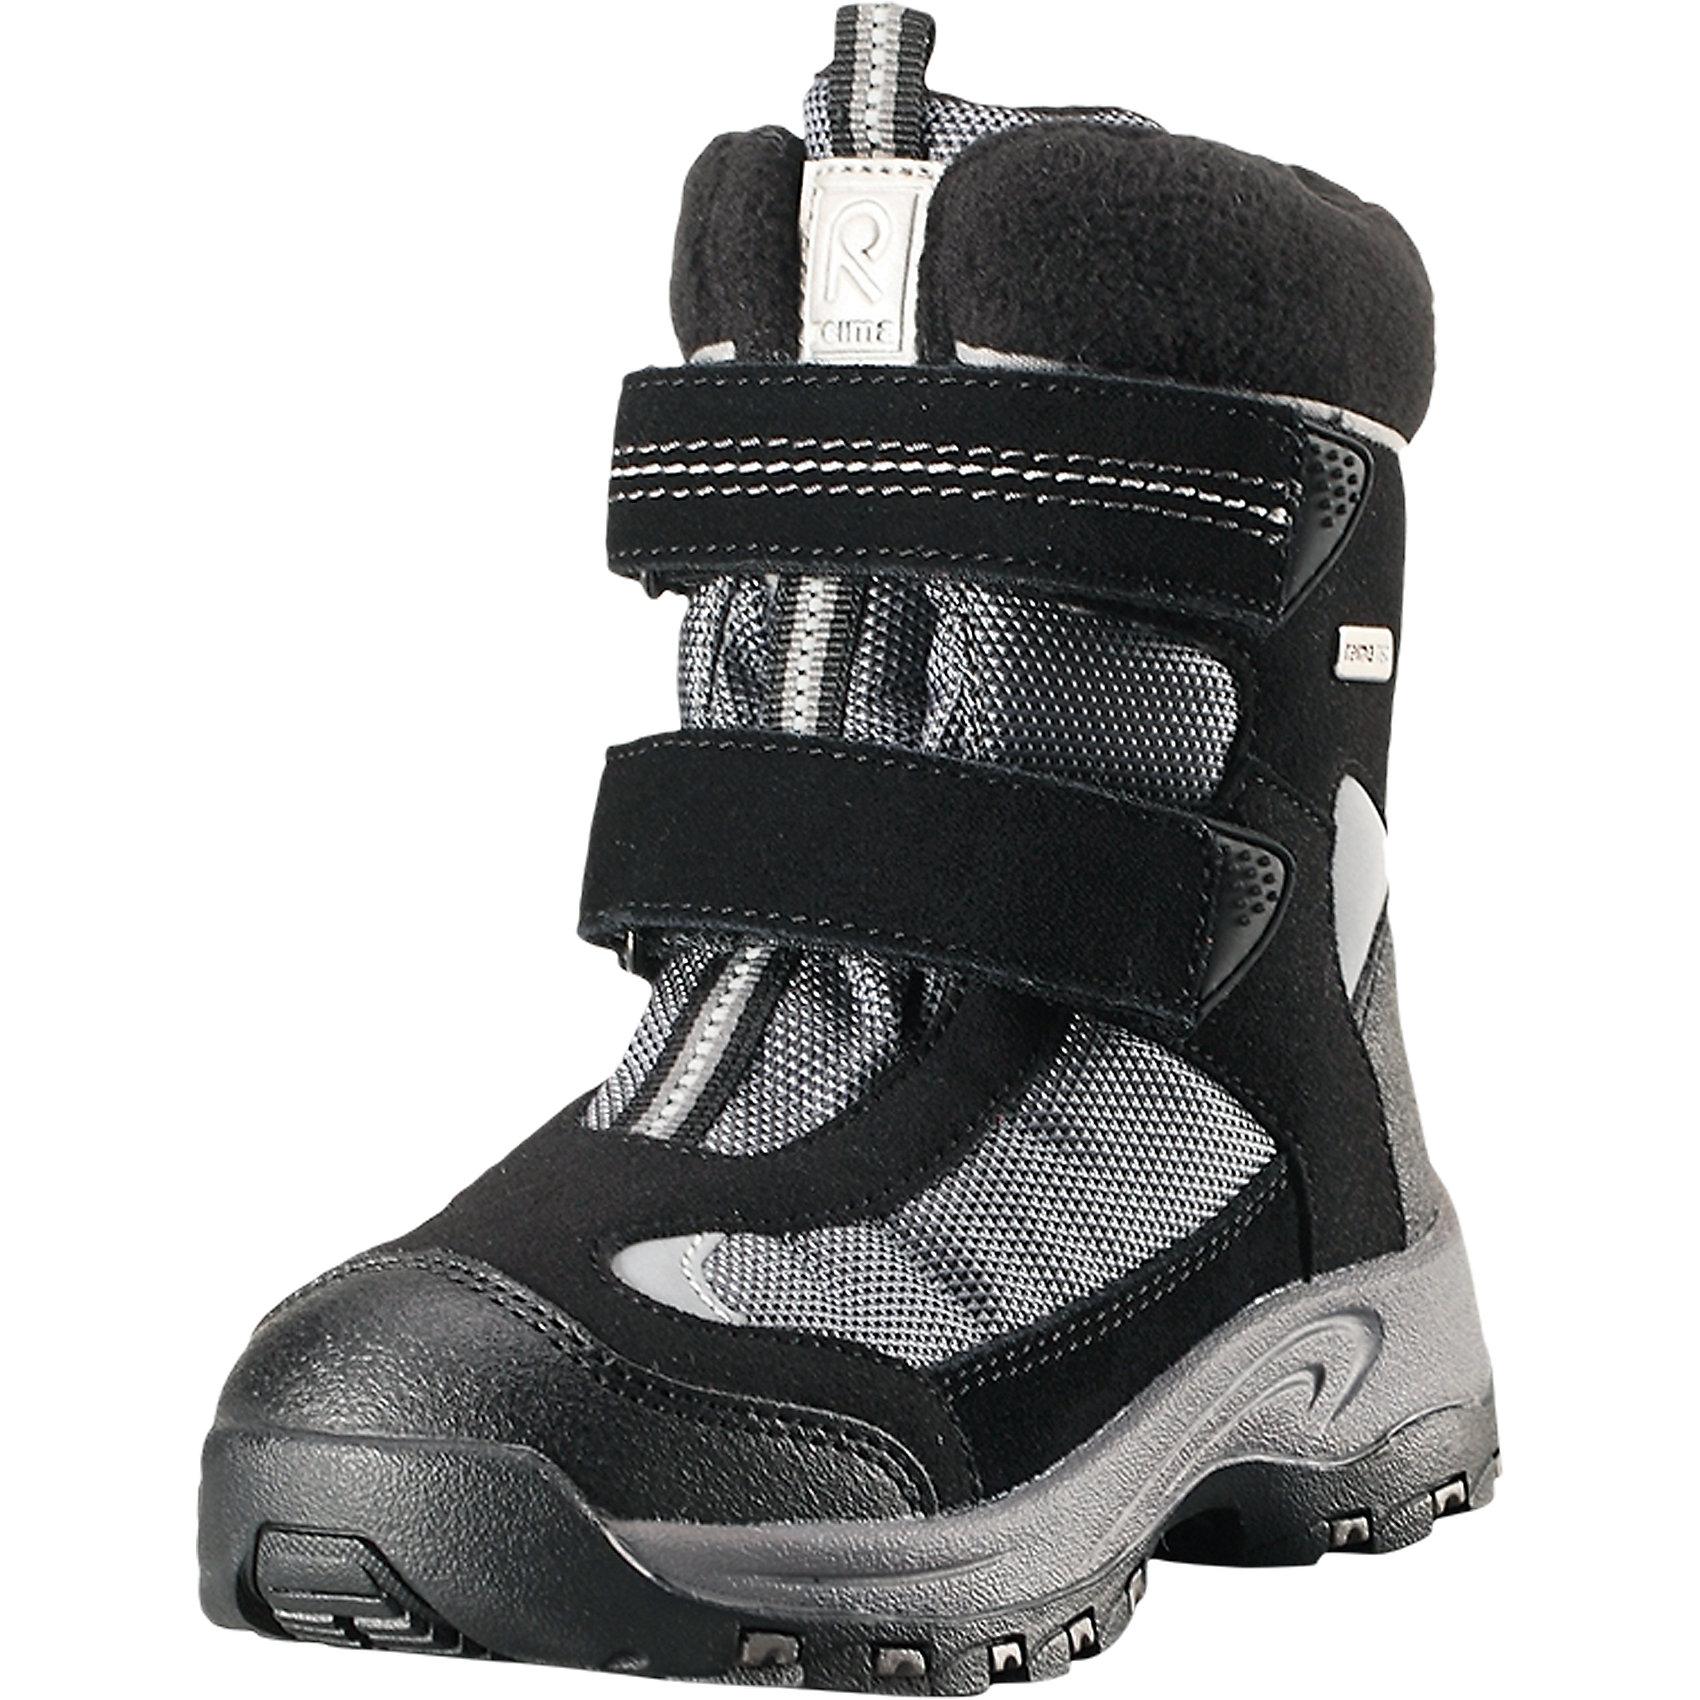 Ботинки Kinos Reimatec® ReimaОбувь<br>Детские непромокаемые зимние ботинки Reimatec® – это легкая и практичная обувь для любых зимних игр и занятий. Эти стильные зимние ботинки изготовлены из сочетания телячьей замши, текстиля и синтетического материала. Они имеют непромокаемую конструкцию с водонепроницаемой мембраной. Подкладка м запаянными швами сделана из полушерсти и флиса. За счет двух ремешков на липучке ботинки легко надевать и удобно регулировать! <br><br>Рисунок Happy Fit на съемных стельках поможет подобрать нужный размер или измерить быстрорастущую ножку ребенка. Резиновая подошва Reima обеспечит хорошее сцепление с разнообразными поверхностями. Светоотражающие детали довершают стильный образ.<br>Состав:<br>Подошва: Термопластичная резина Верх: Полиэстер/Кожа<br><br>Ширина мм: 262<br>Глубина мм: 176<br>Высота мм: 97<br>Вес г: 427<br>Цвет: черный<br>Возраст от месяцев: 96<br>Возраст до месяцев: 108<br>Пол: Унисекс<br>Возраст: Детский<br>Размер: 35,32,24,25,26,27,28,29,30,31,33,34<br>SKU: 6904971